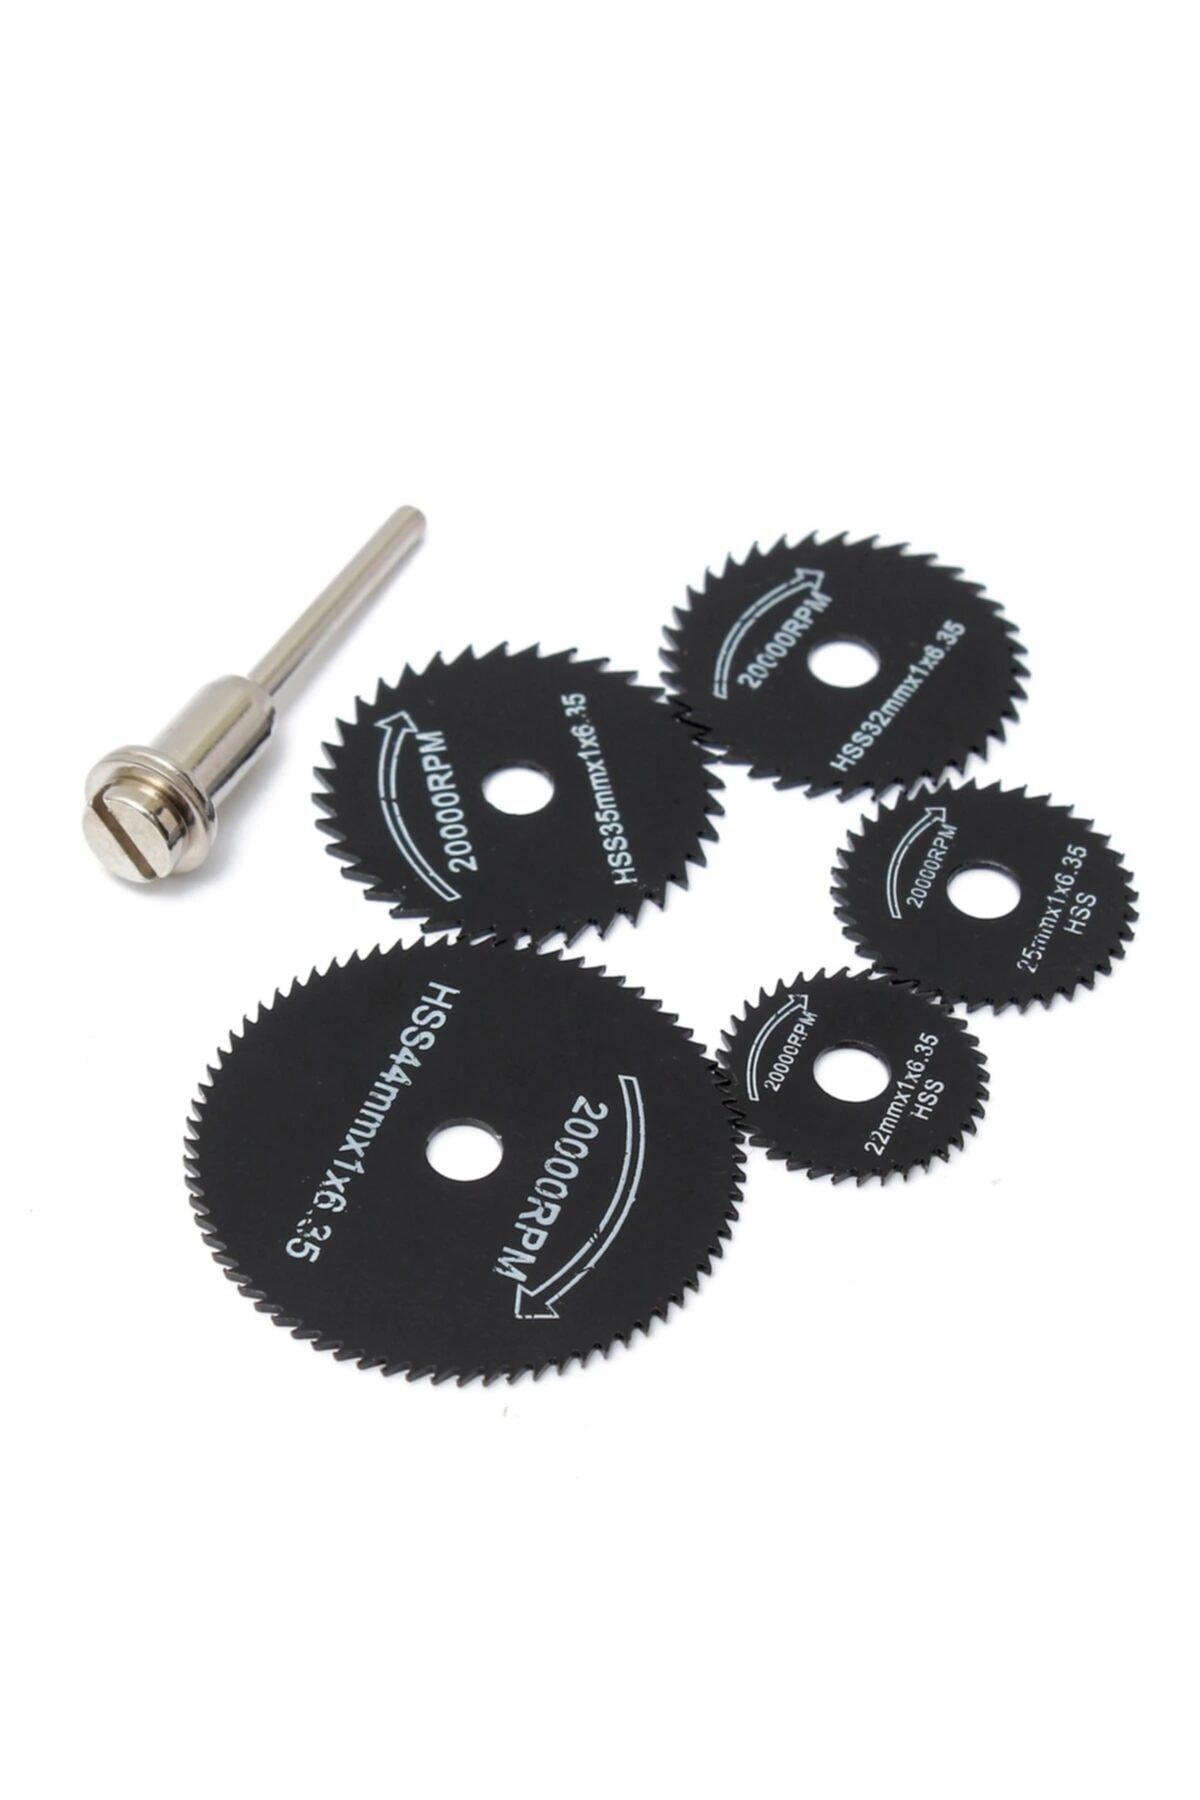 KUSTAR 6'li Siyah Gravür Ahşap Metal Plastik Kesme Mini Testere Seti 2